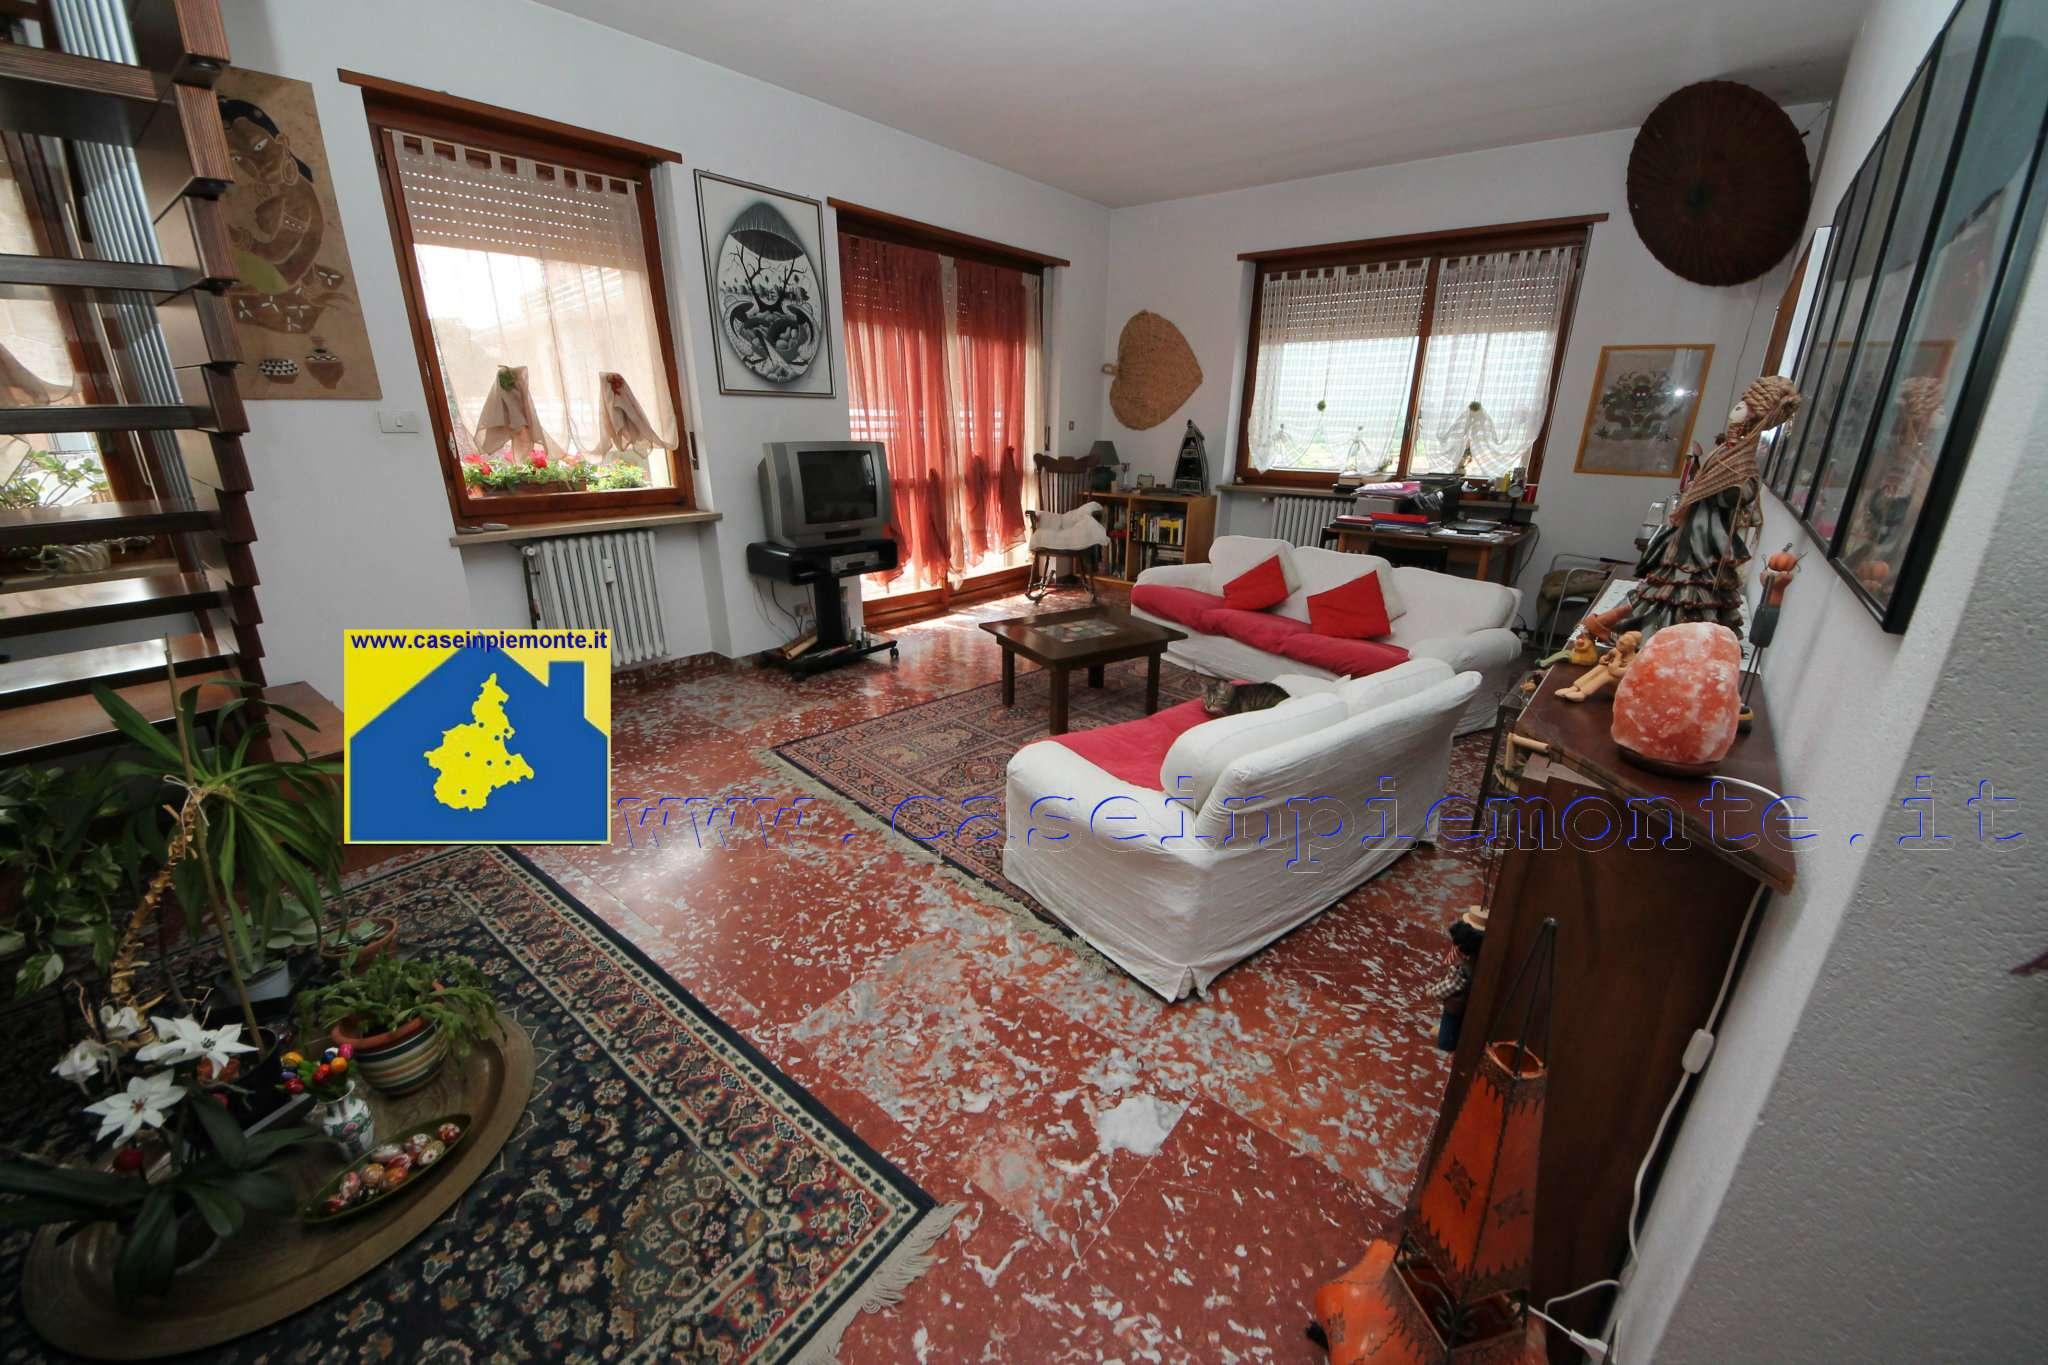 Appartamento in vendita a Rivoli, 5 locali, prezzo € 280.000 | CambioCasa.it